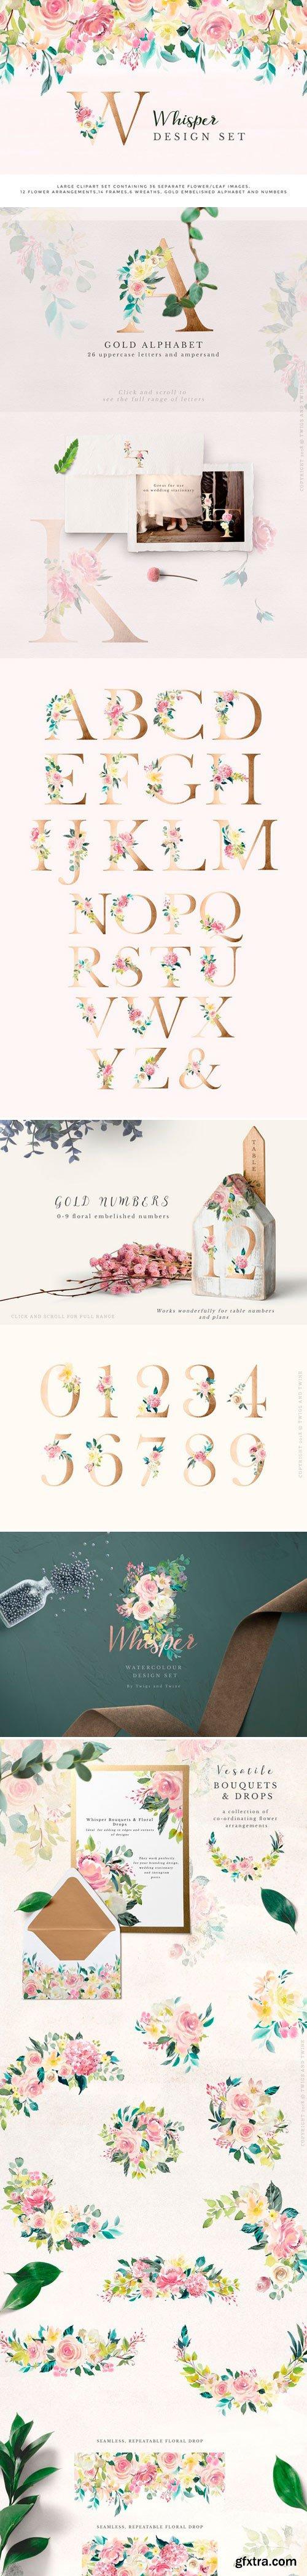 CM - Watercolor Design Project - Whisper 2492472